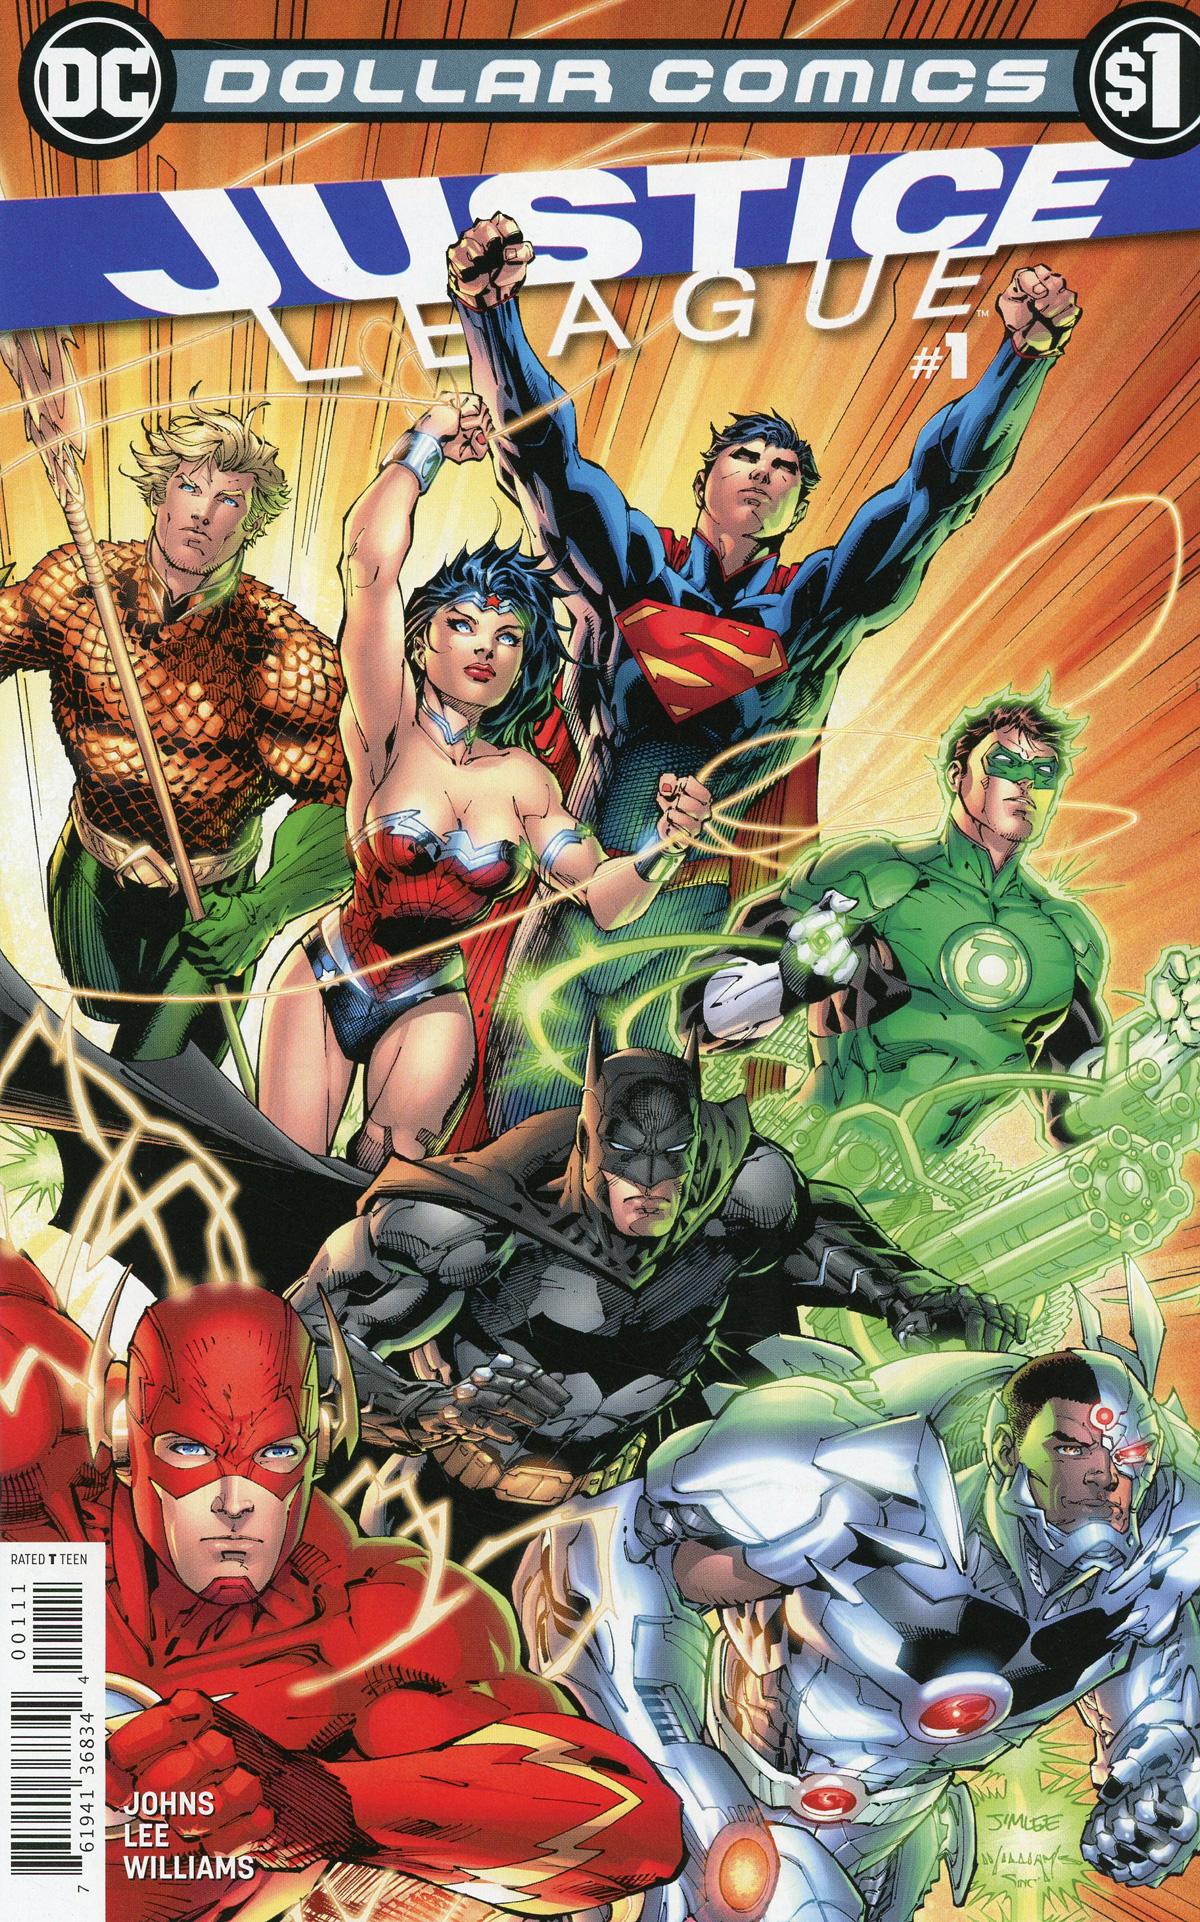 Dollar Comics Justice League Vol 2 #1